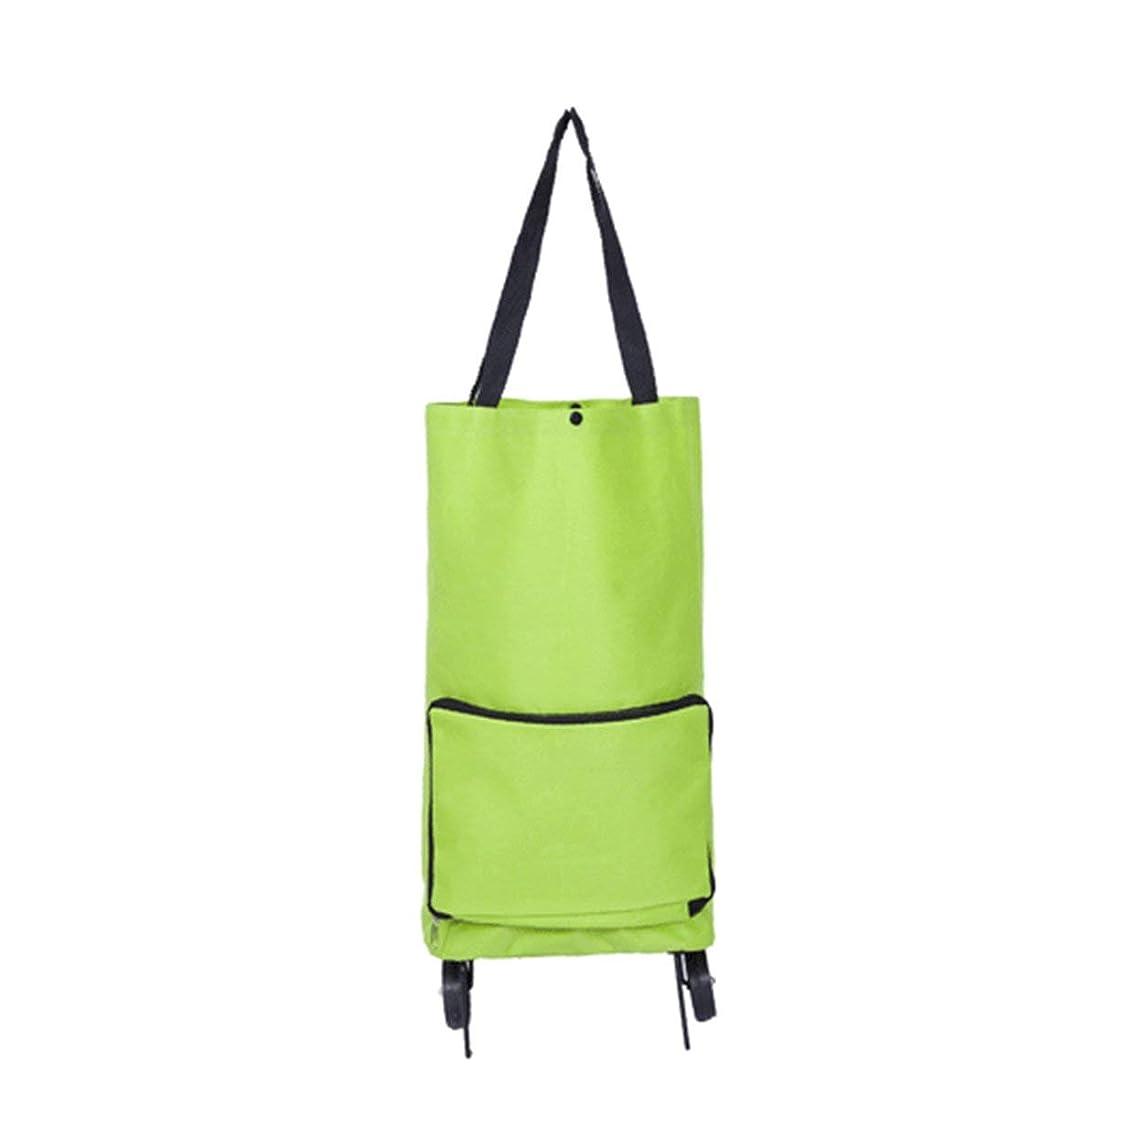 望み出発標準Saikogoods 多機能防水オックスフォード布折り畳み式SupermarkerショッピングトロリーホイールバッグTravalカート荷物バッグ 緑